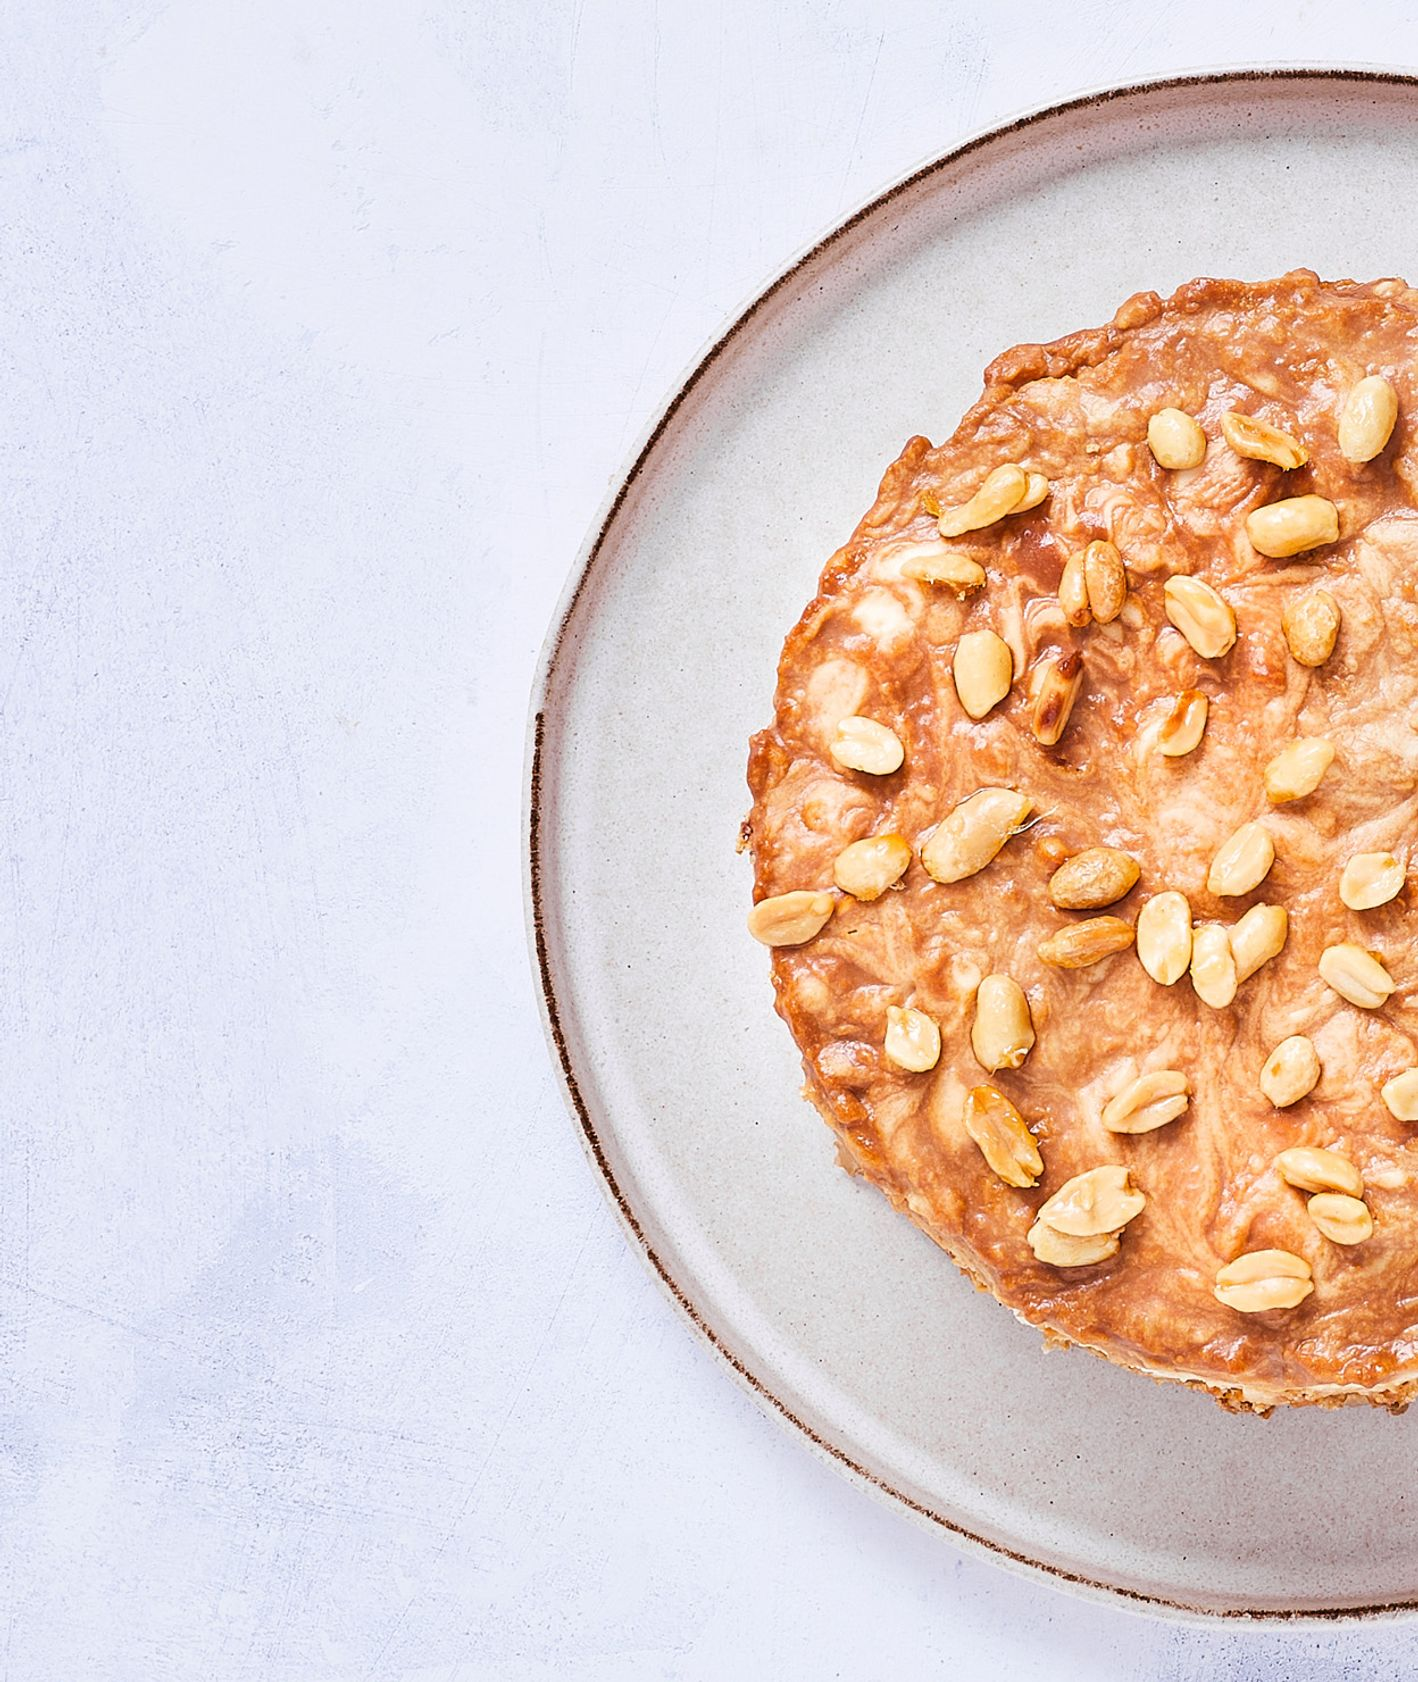 Kremowy sernik na zimno z mascarpone, z białą czekoladą i z solonym karmlem na ciasteczkowym spodzie (fot. Maciej Niemojewski)